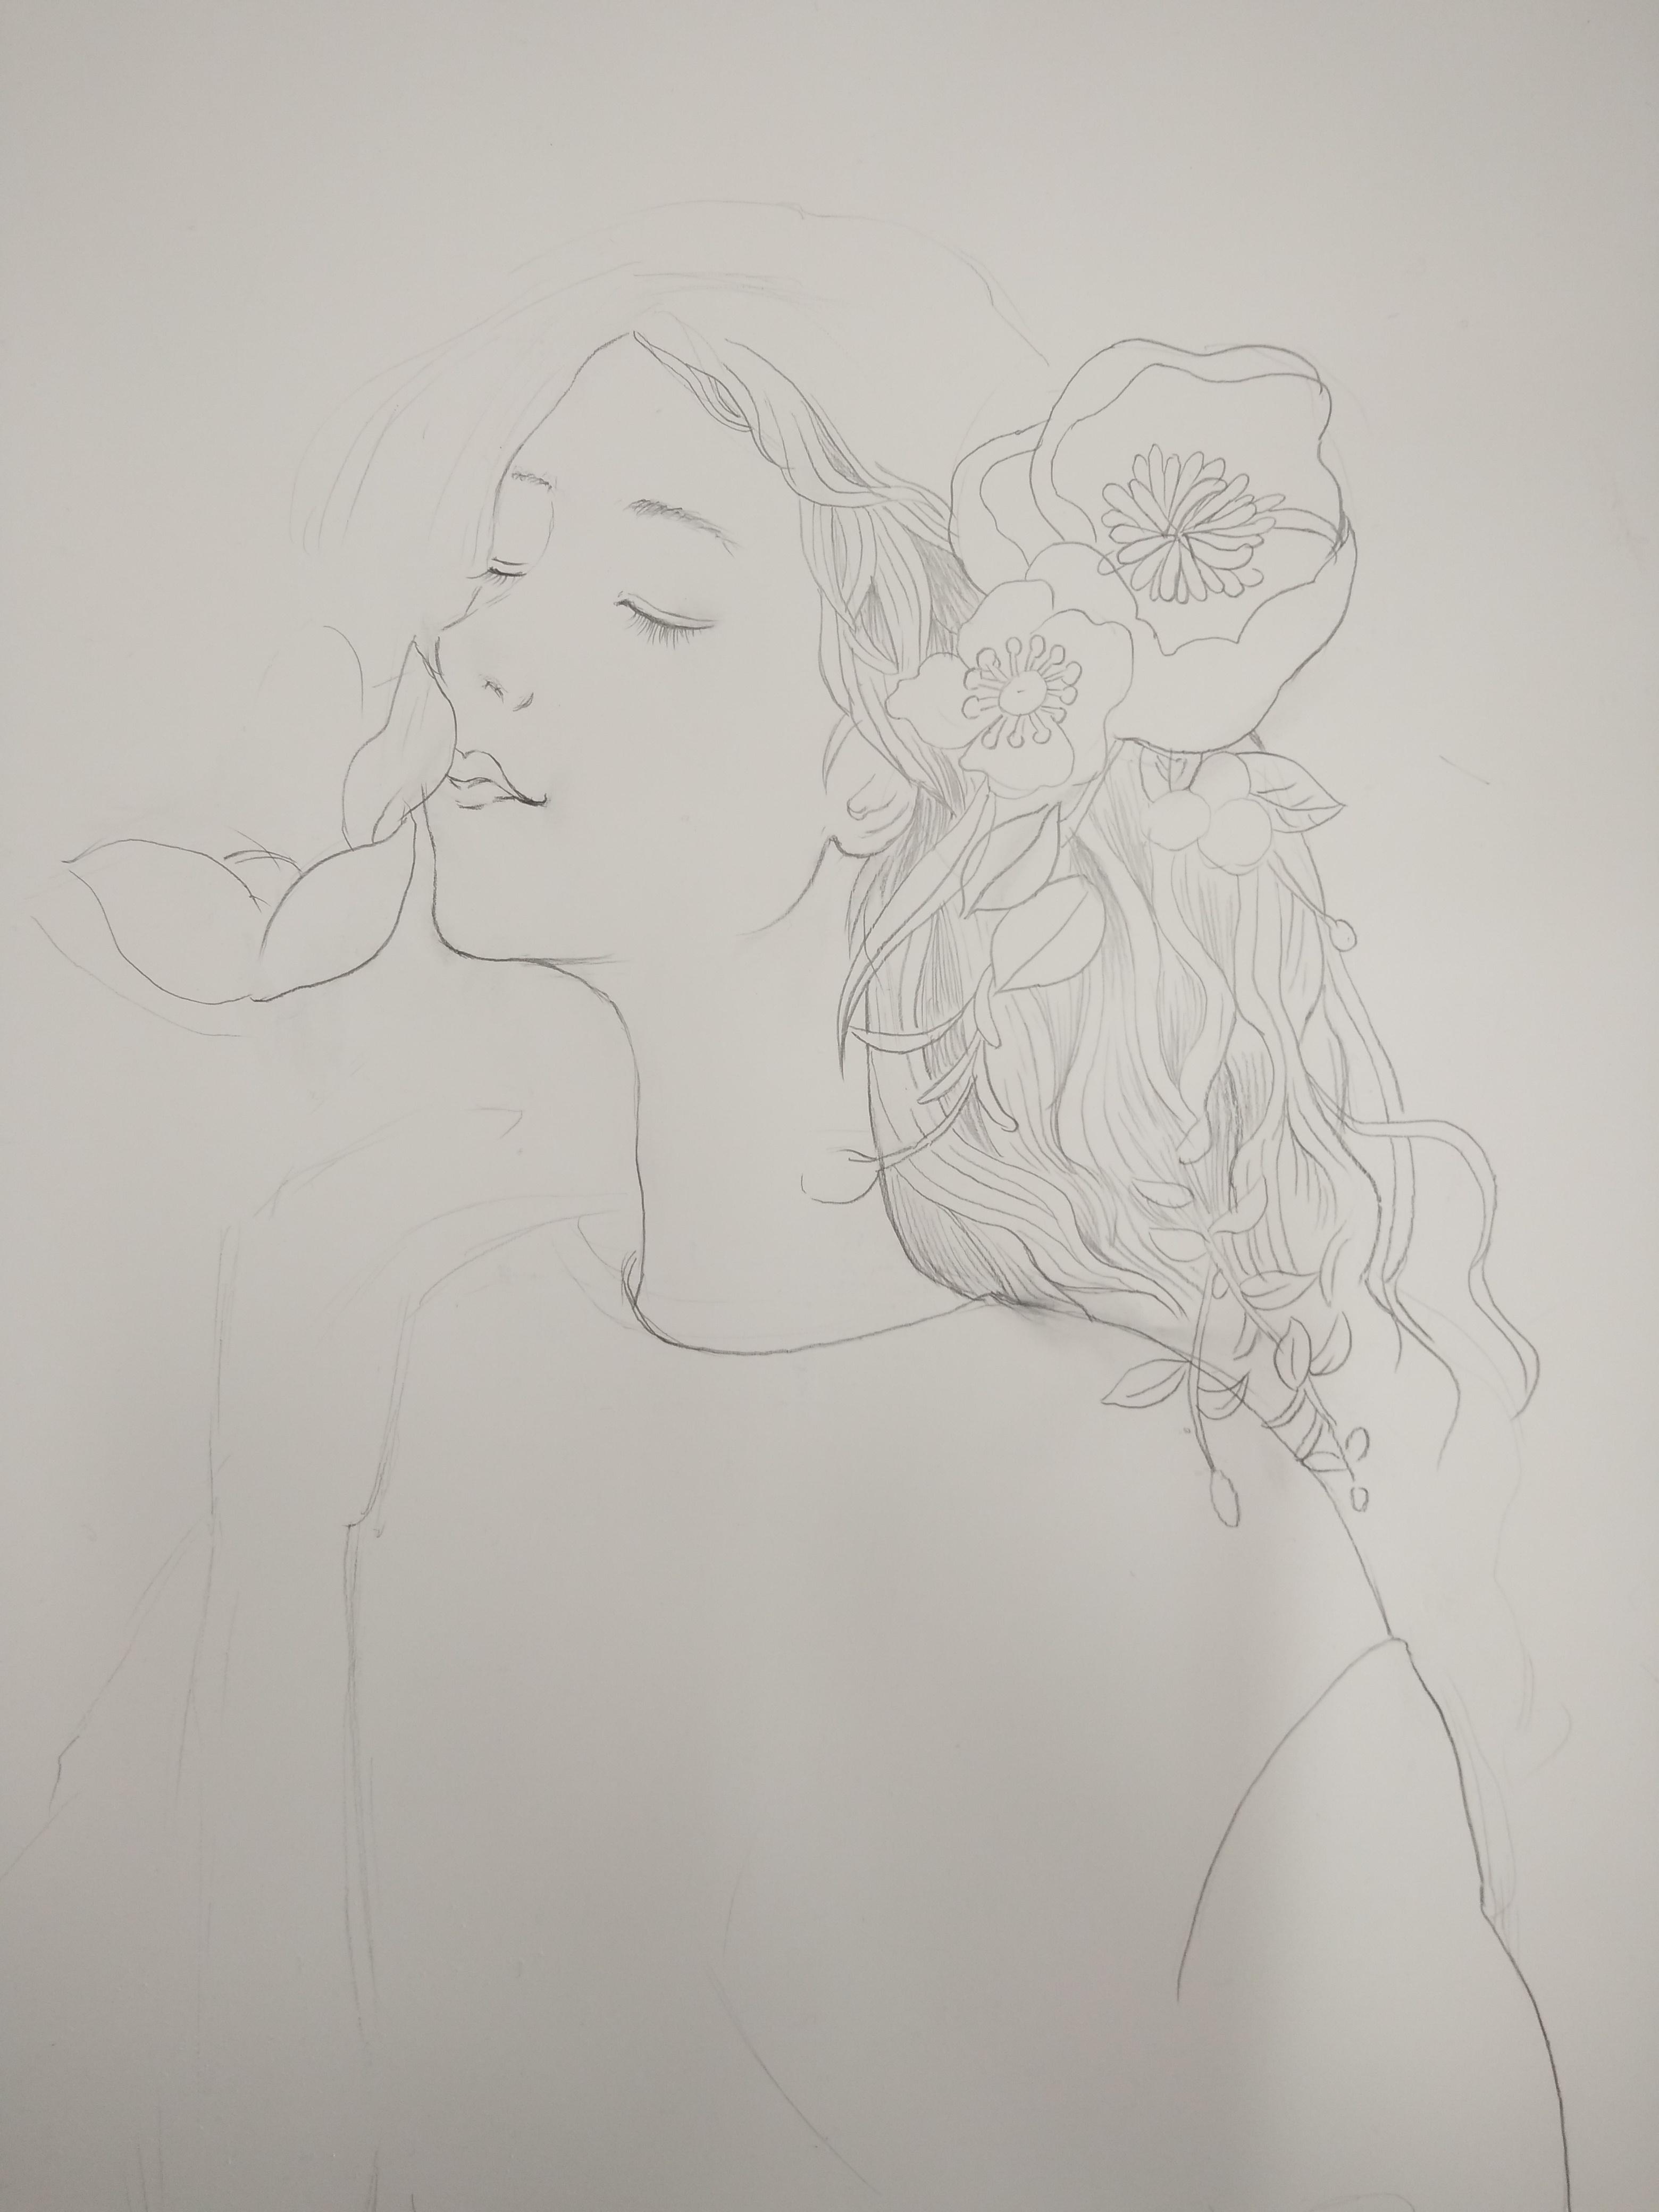 简笔画 手绘 素描 线稿 3120_4160 竖版 竖屏